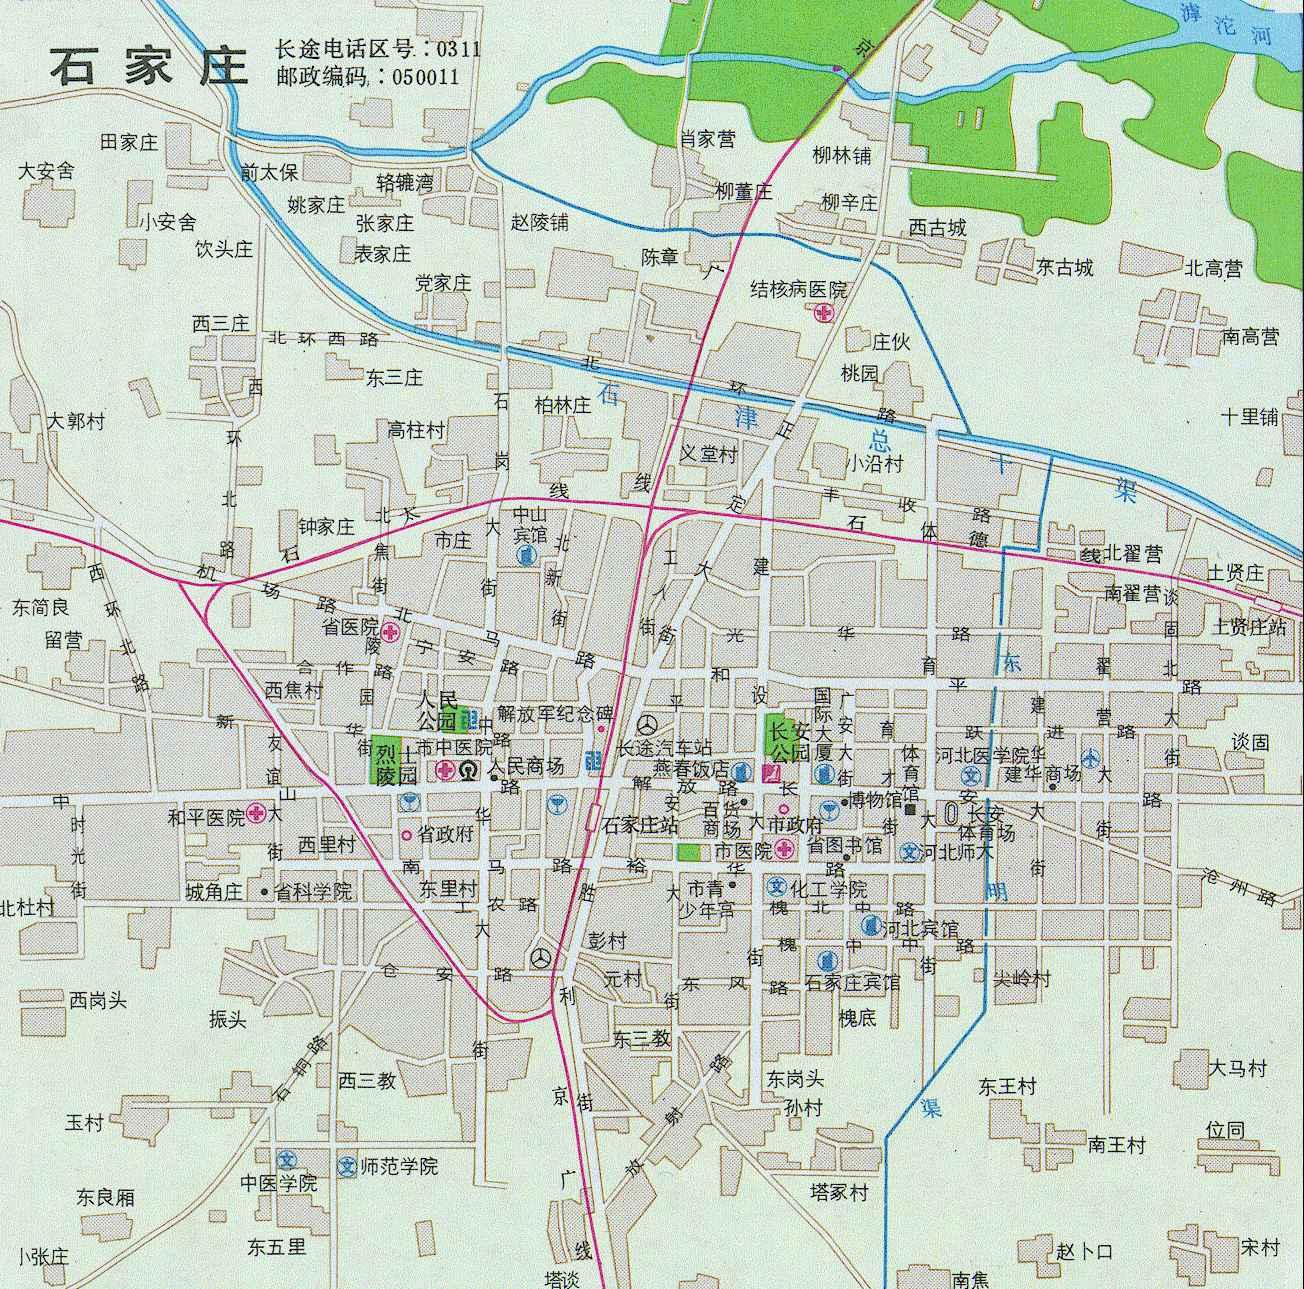 石家庄井陉到山东青岛地图